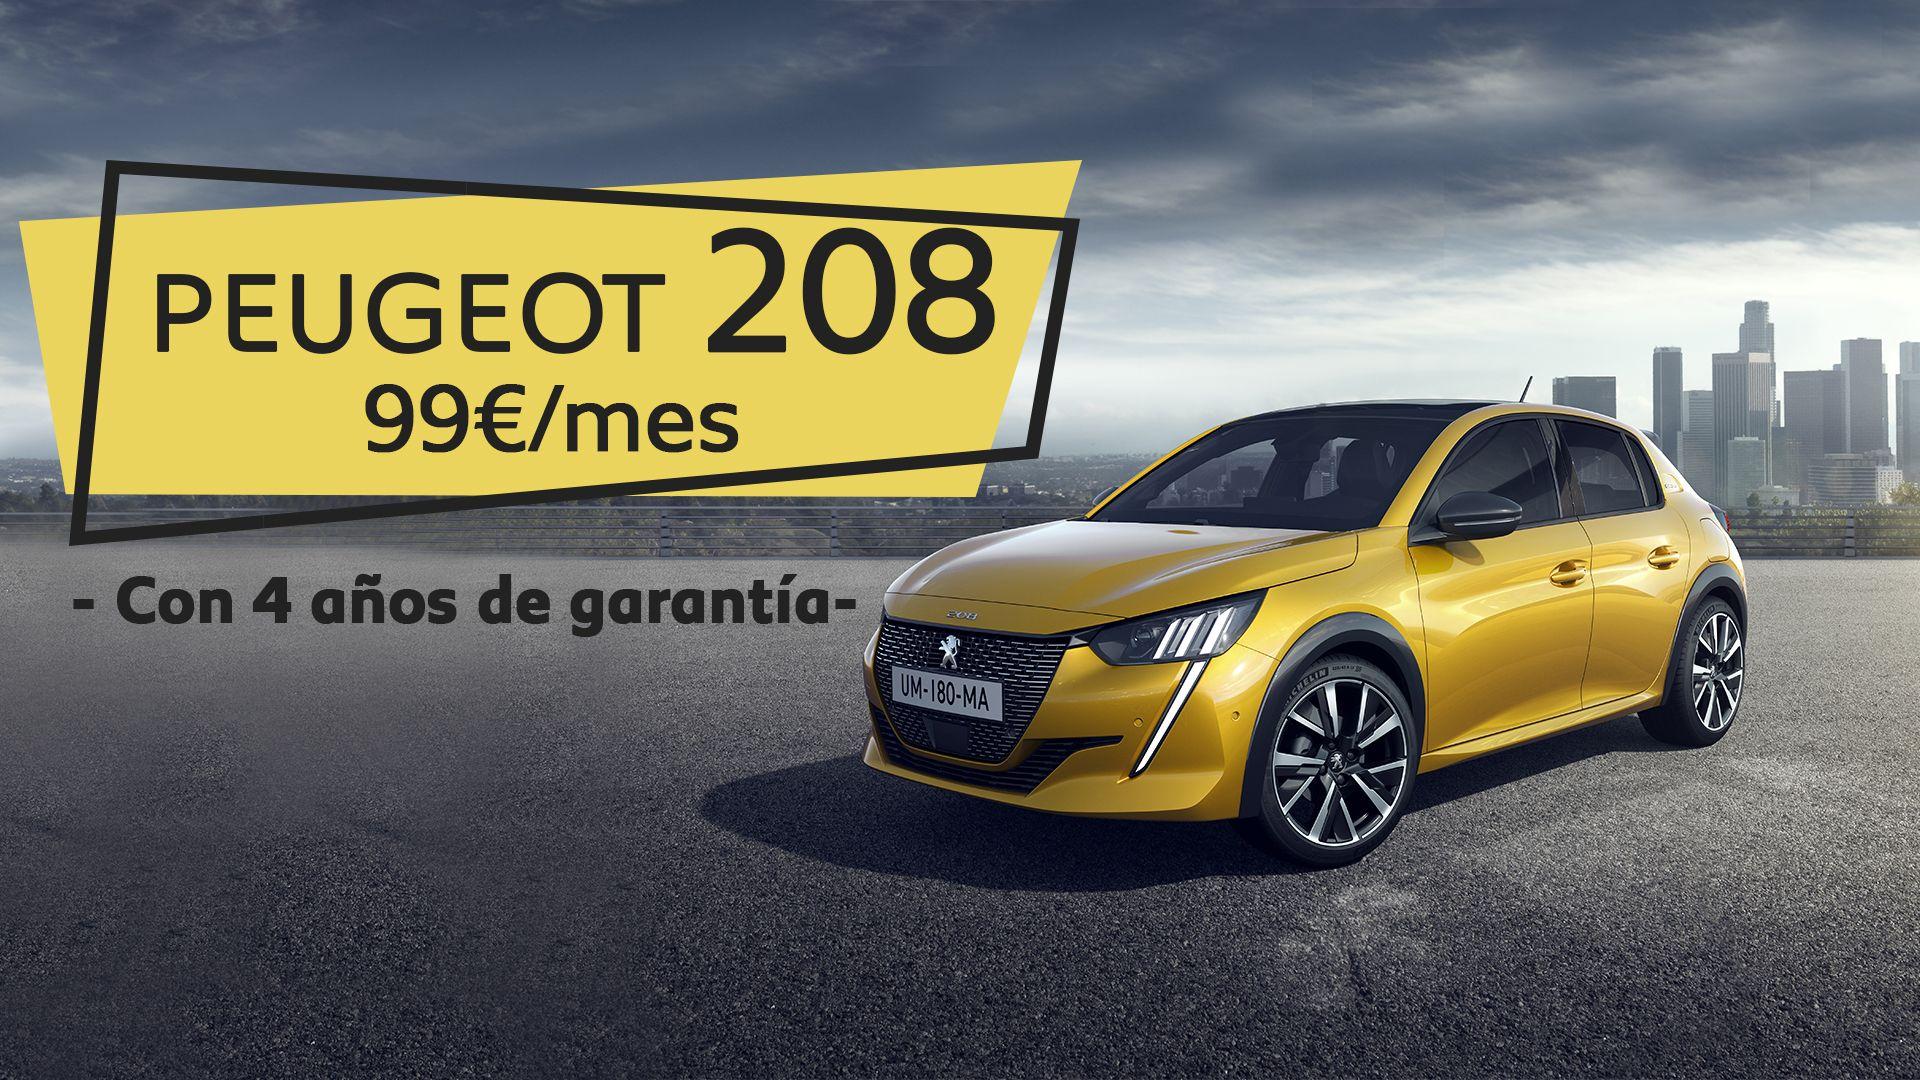 ¡Oferta de lanzamiento! Nuevo Peugeot 208 por 99€/mes